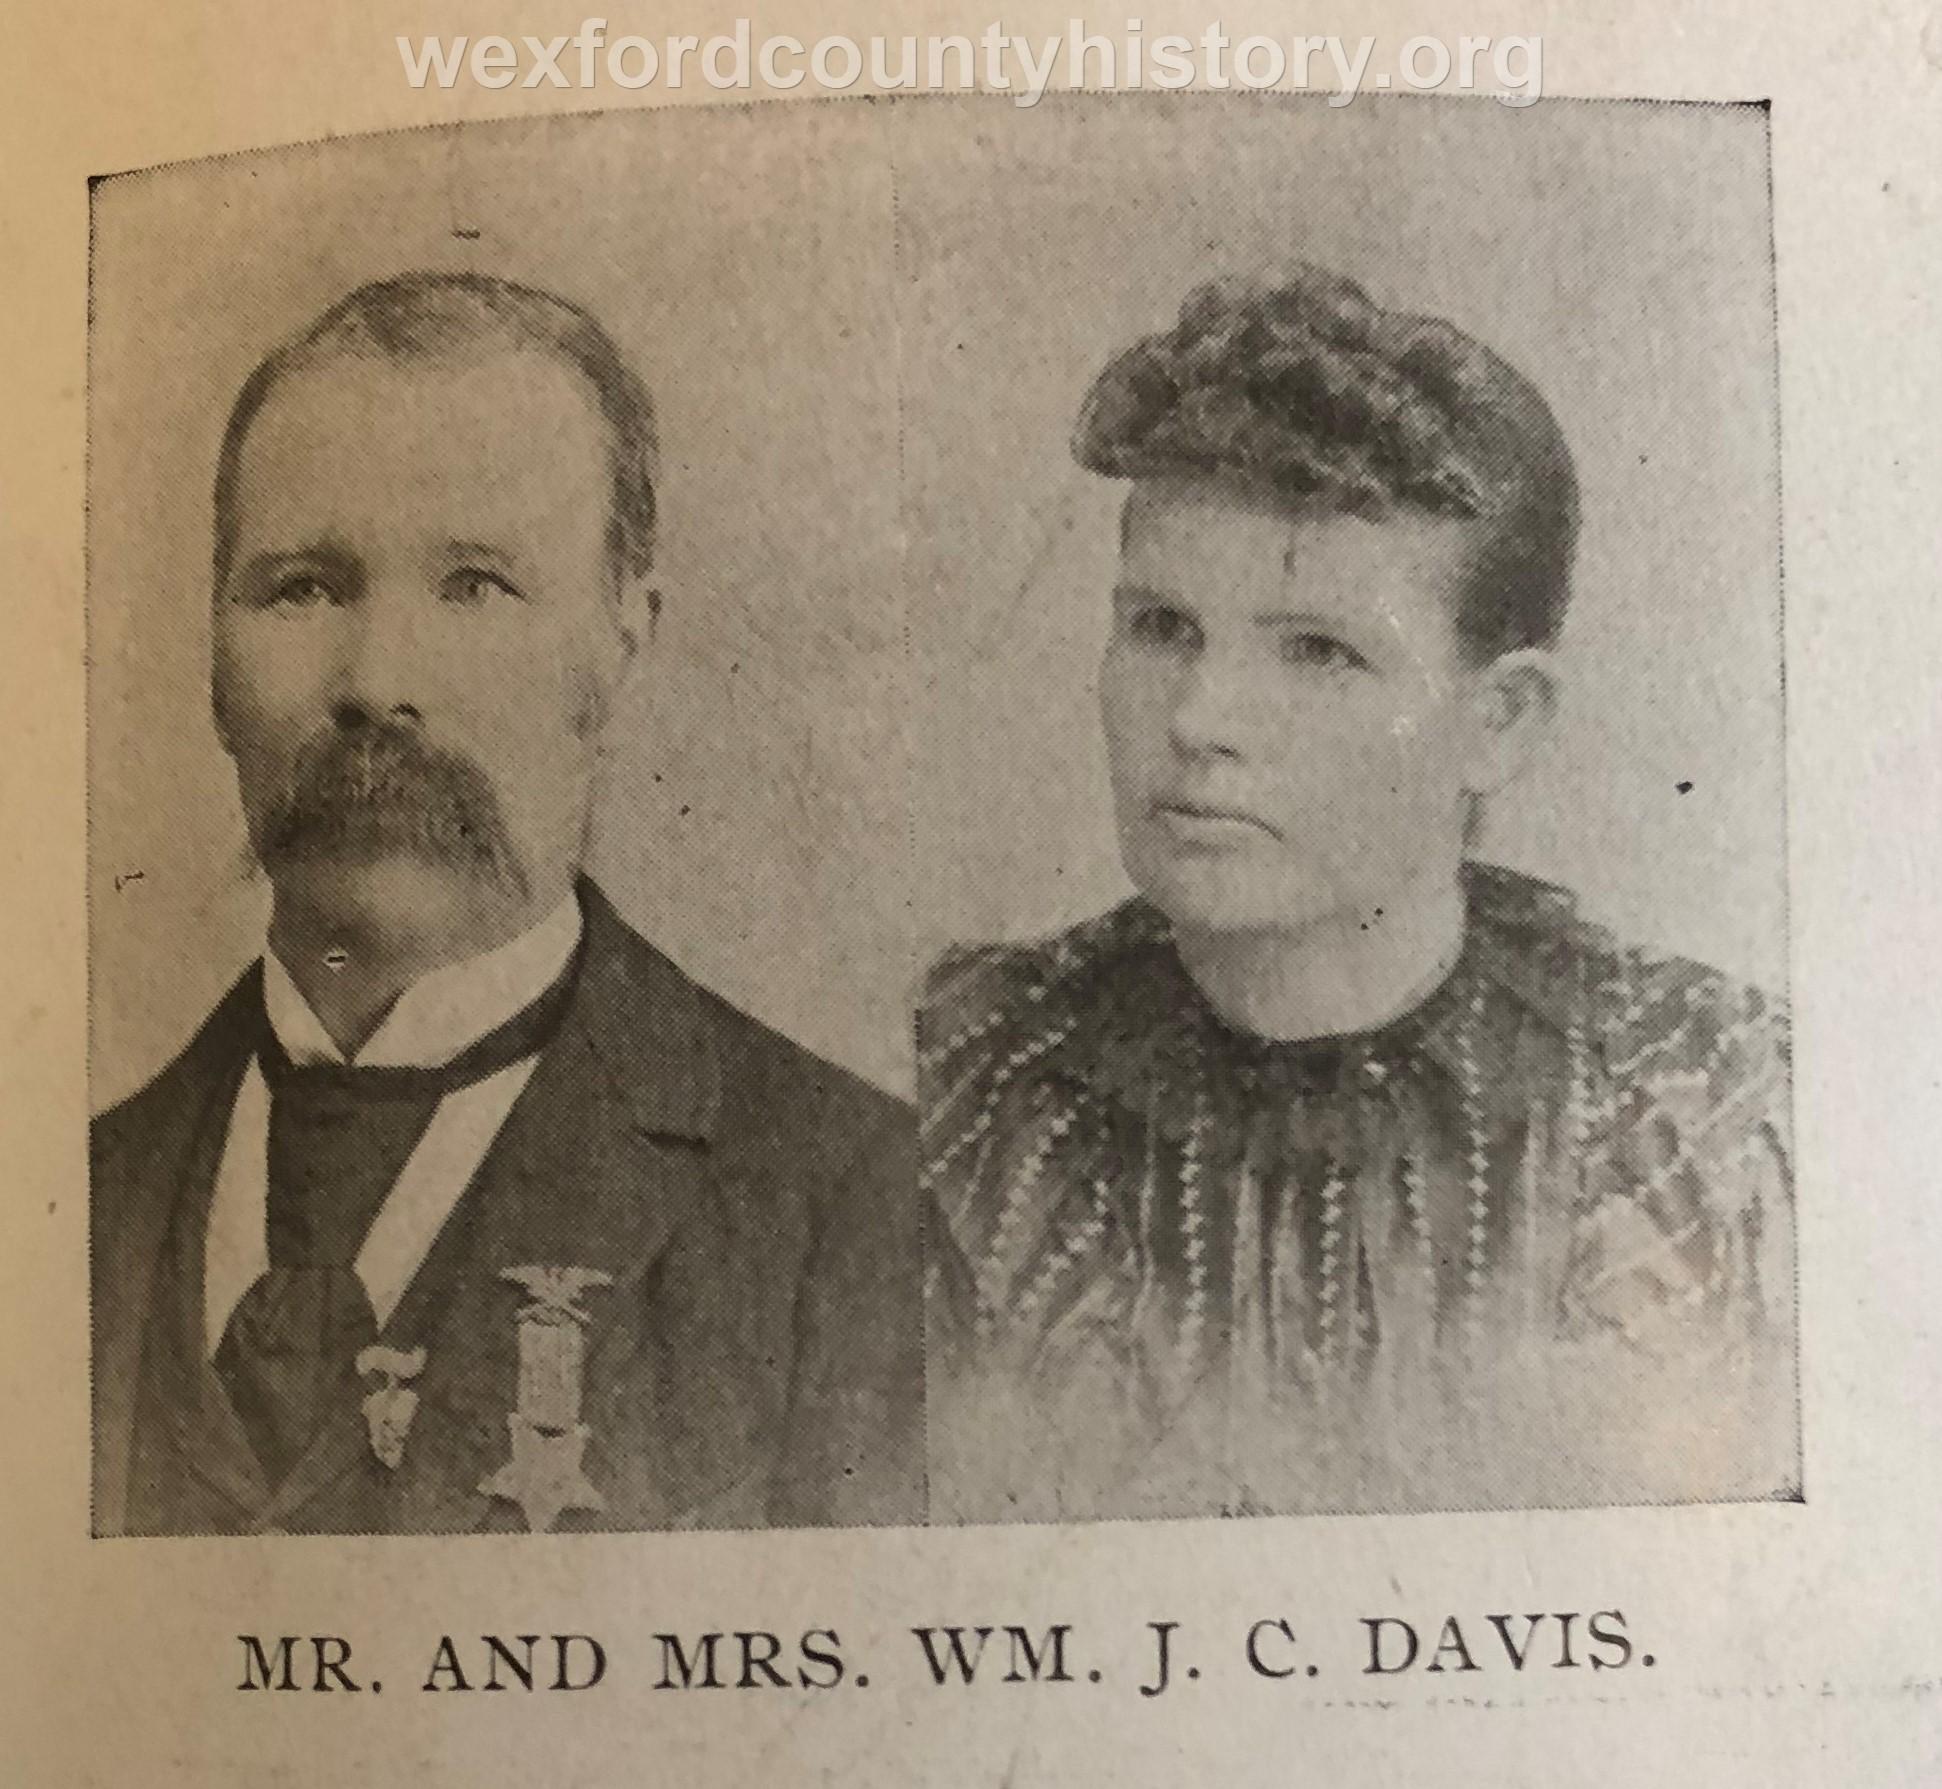 Mr. And Mrs. J. C. Davis